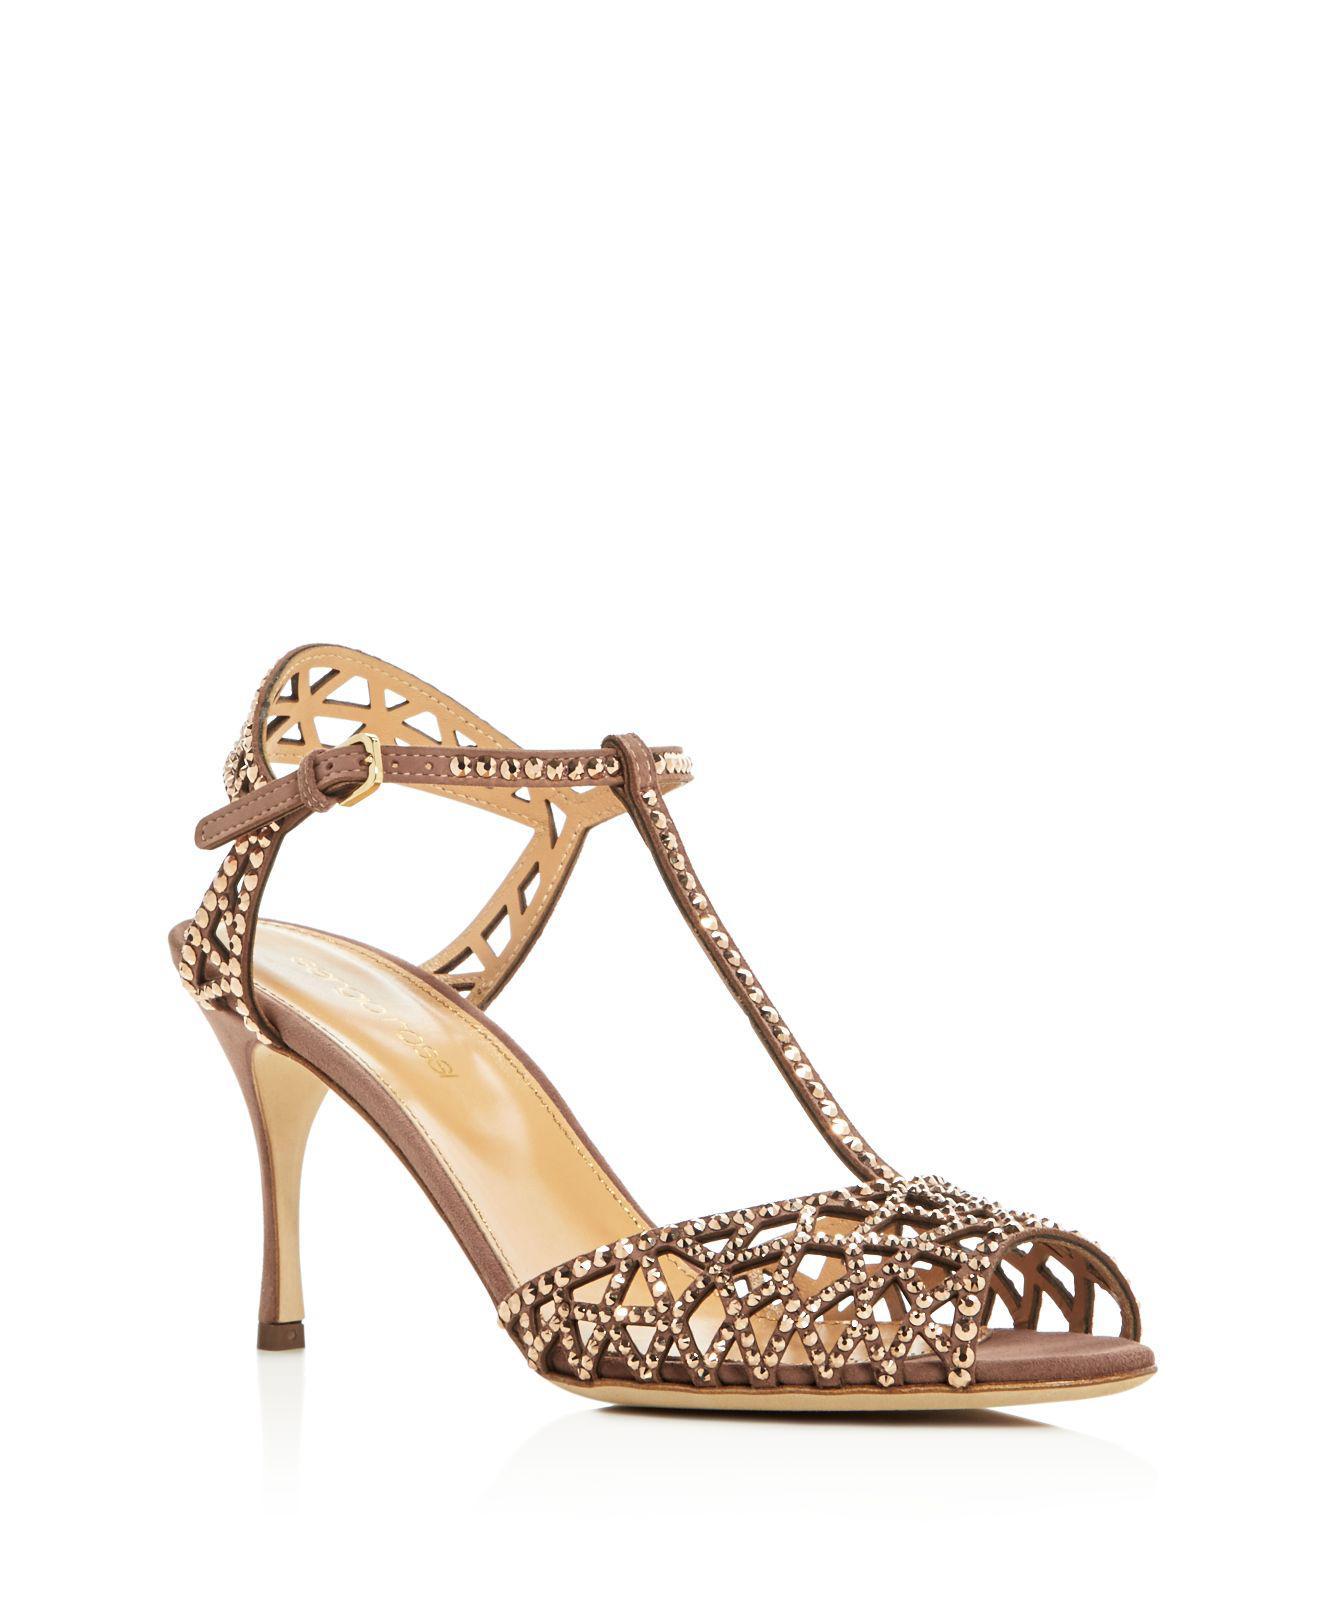 f7ff57120 Lyst - Sergio Rossi Tresor Swarovski Crystal T-strap High Heel ...